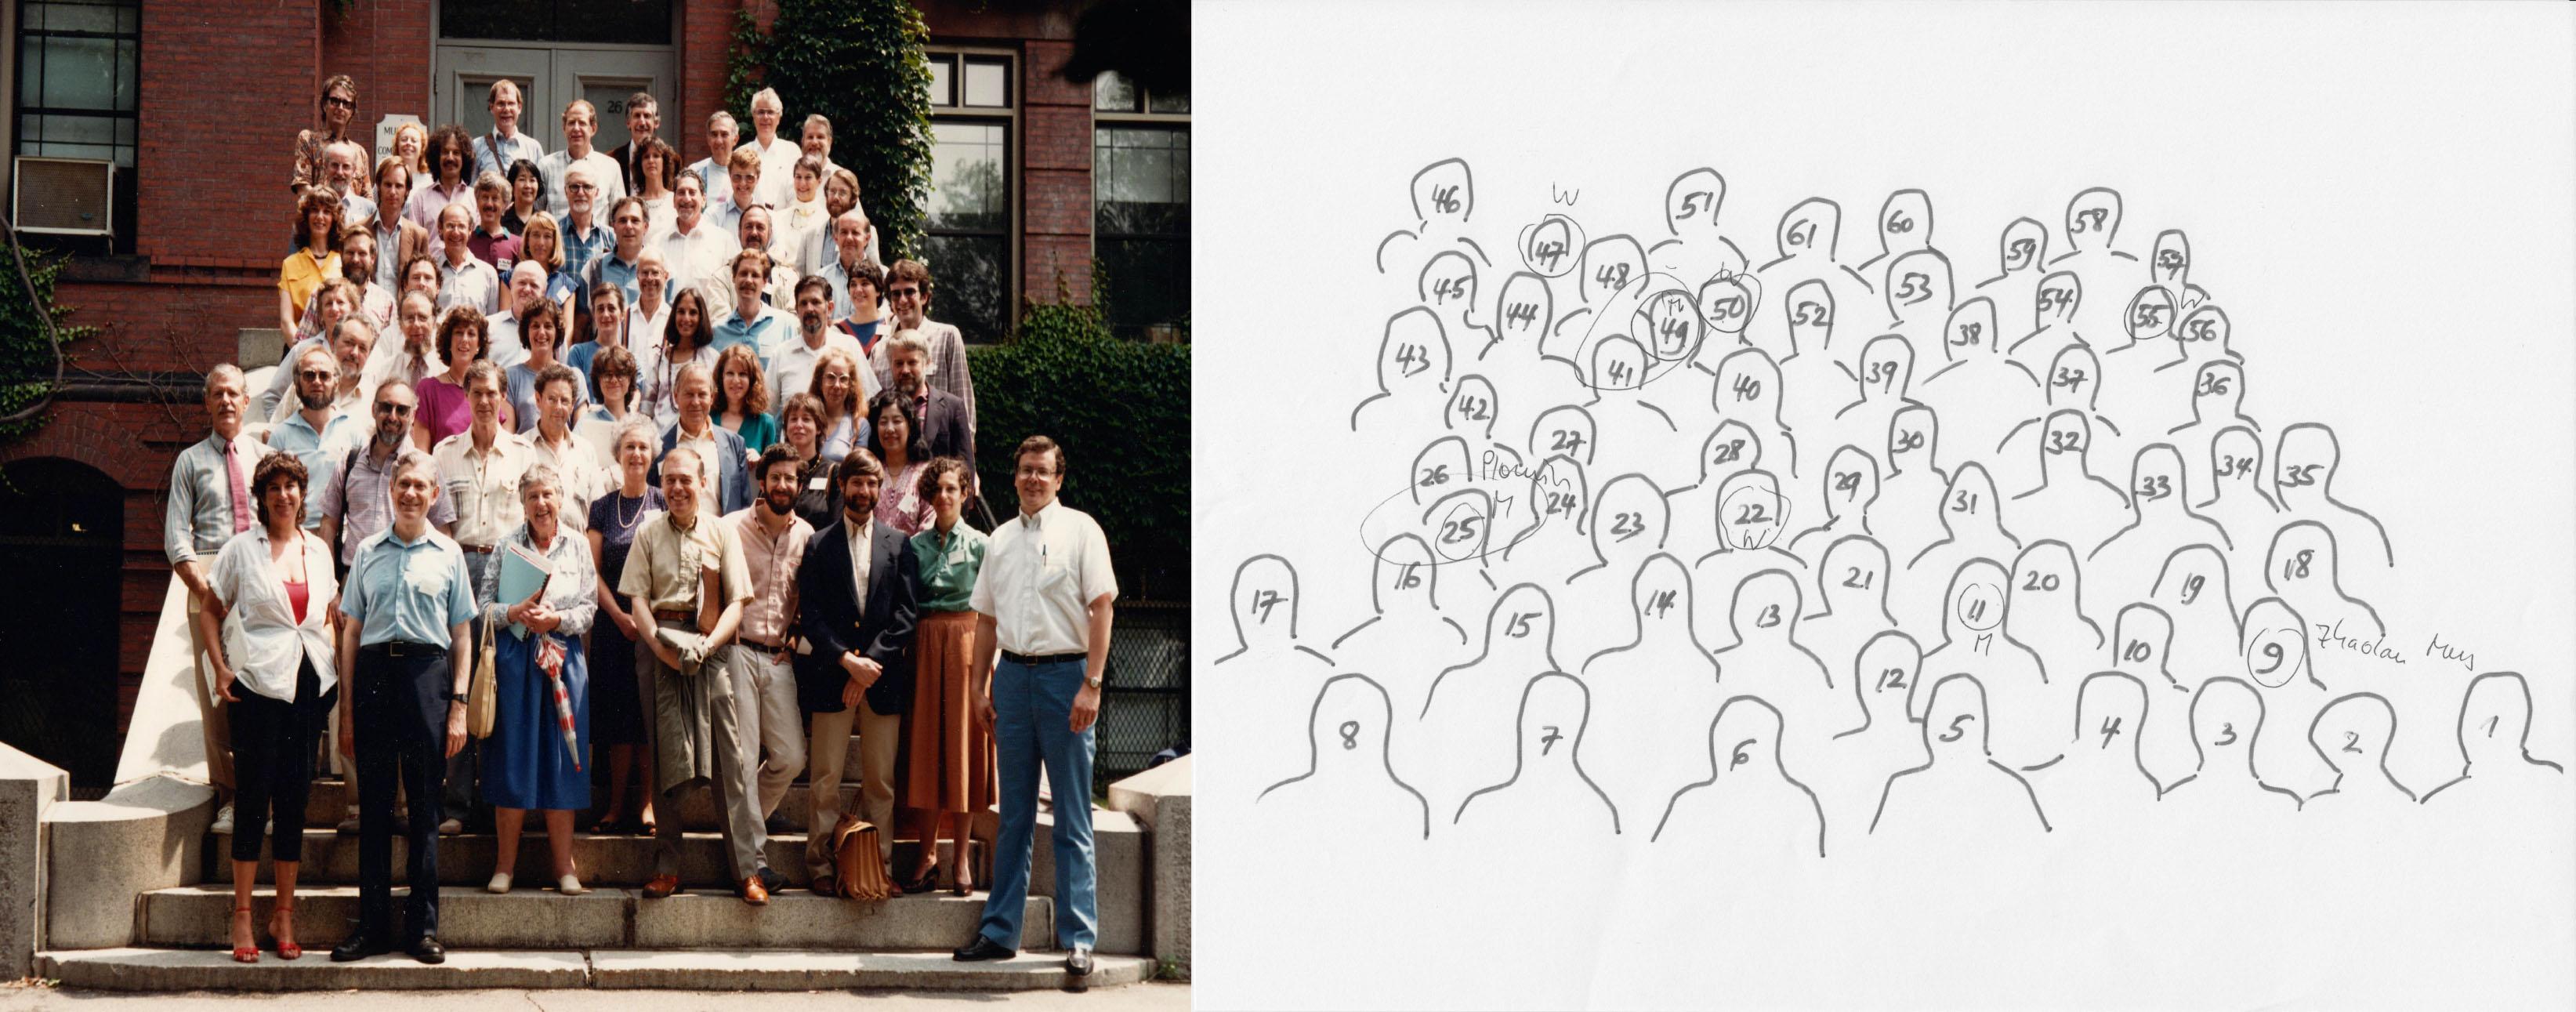 2 together Harvard ISRE 85.jpeg